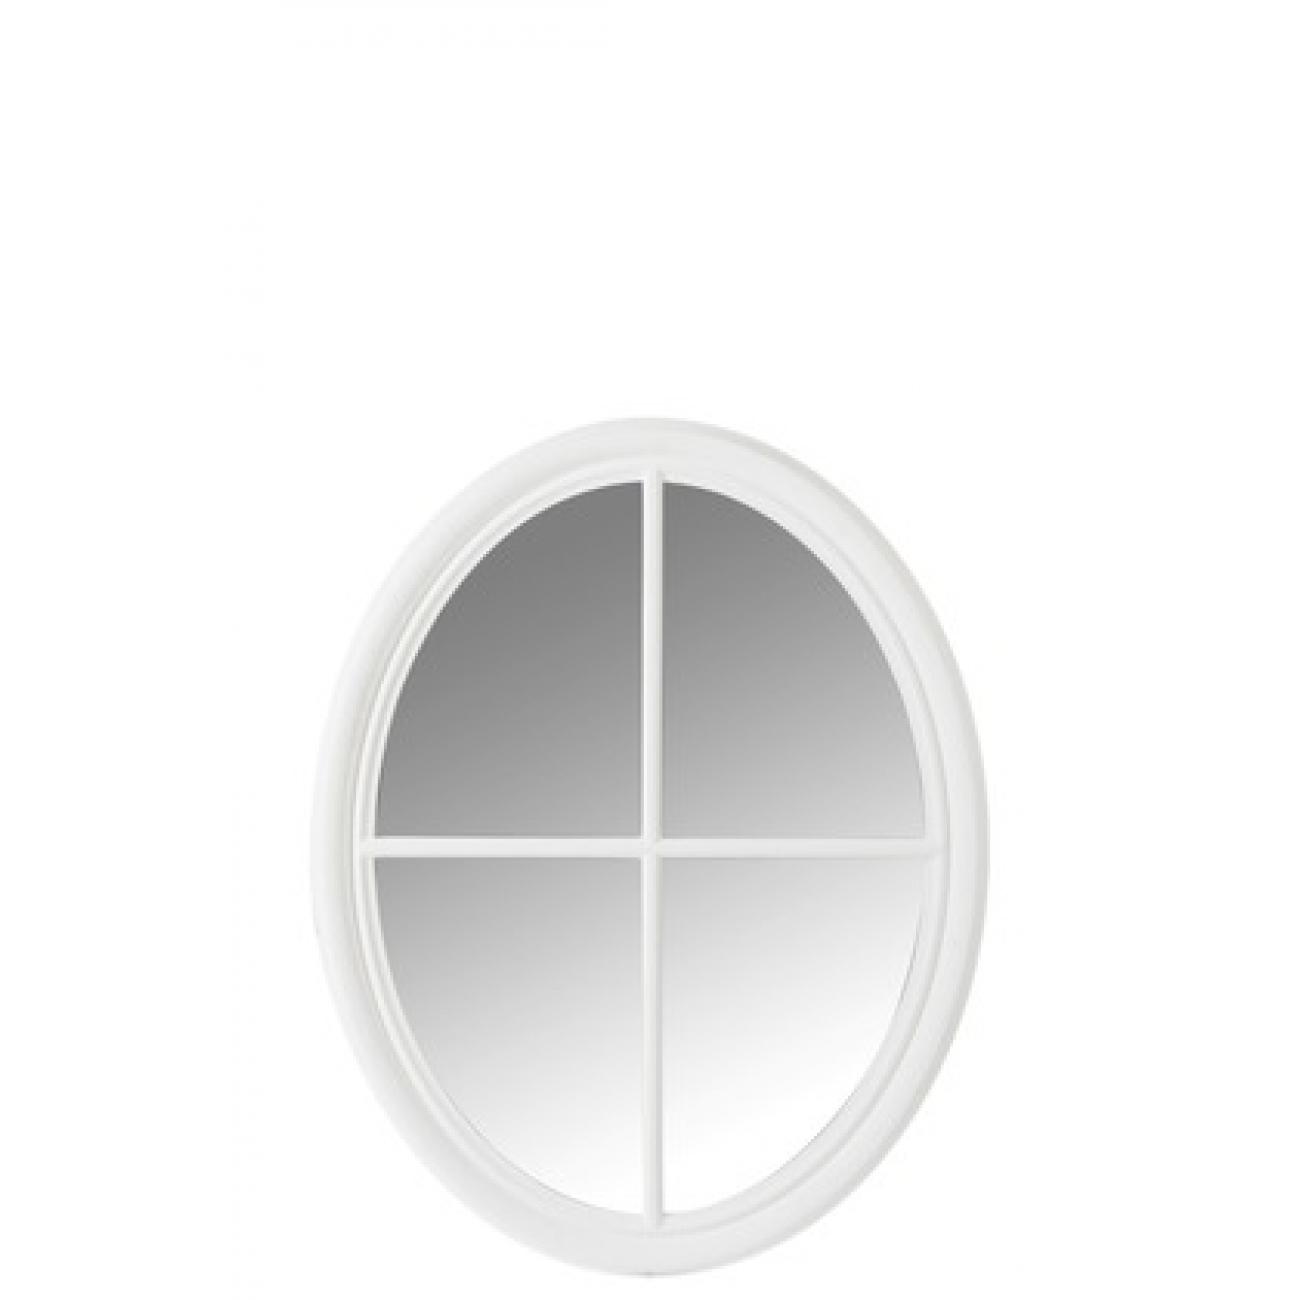 Зеркало J-LINE овальное настенное в  белой деревянной раме в форме окна 74х94 см Бельгия